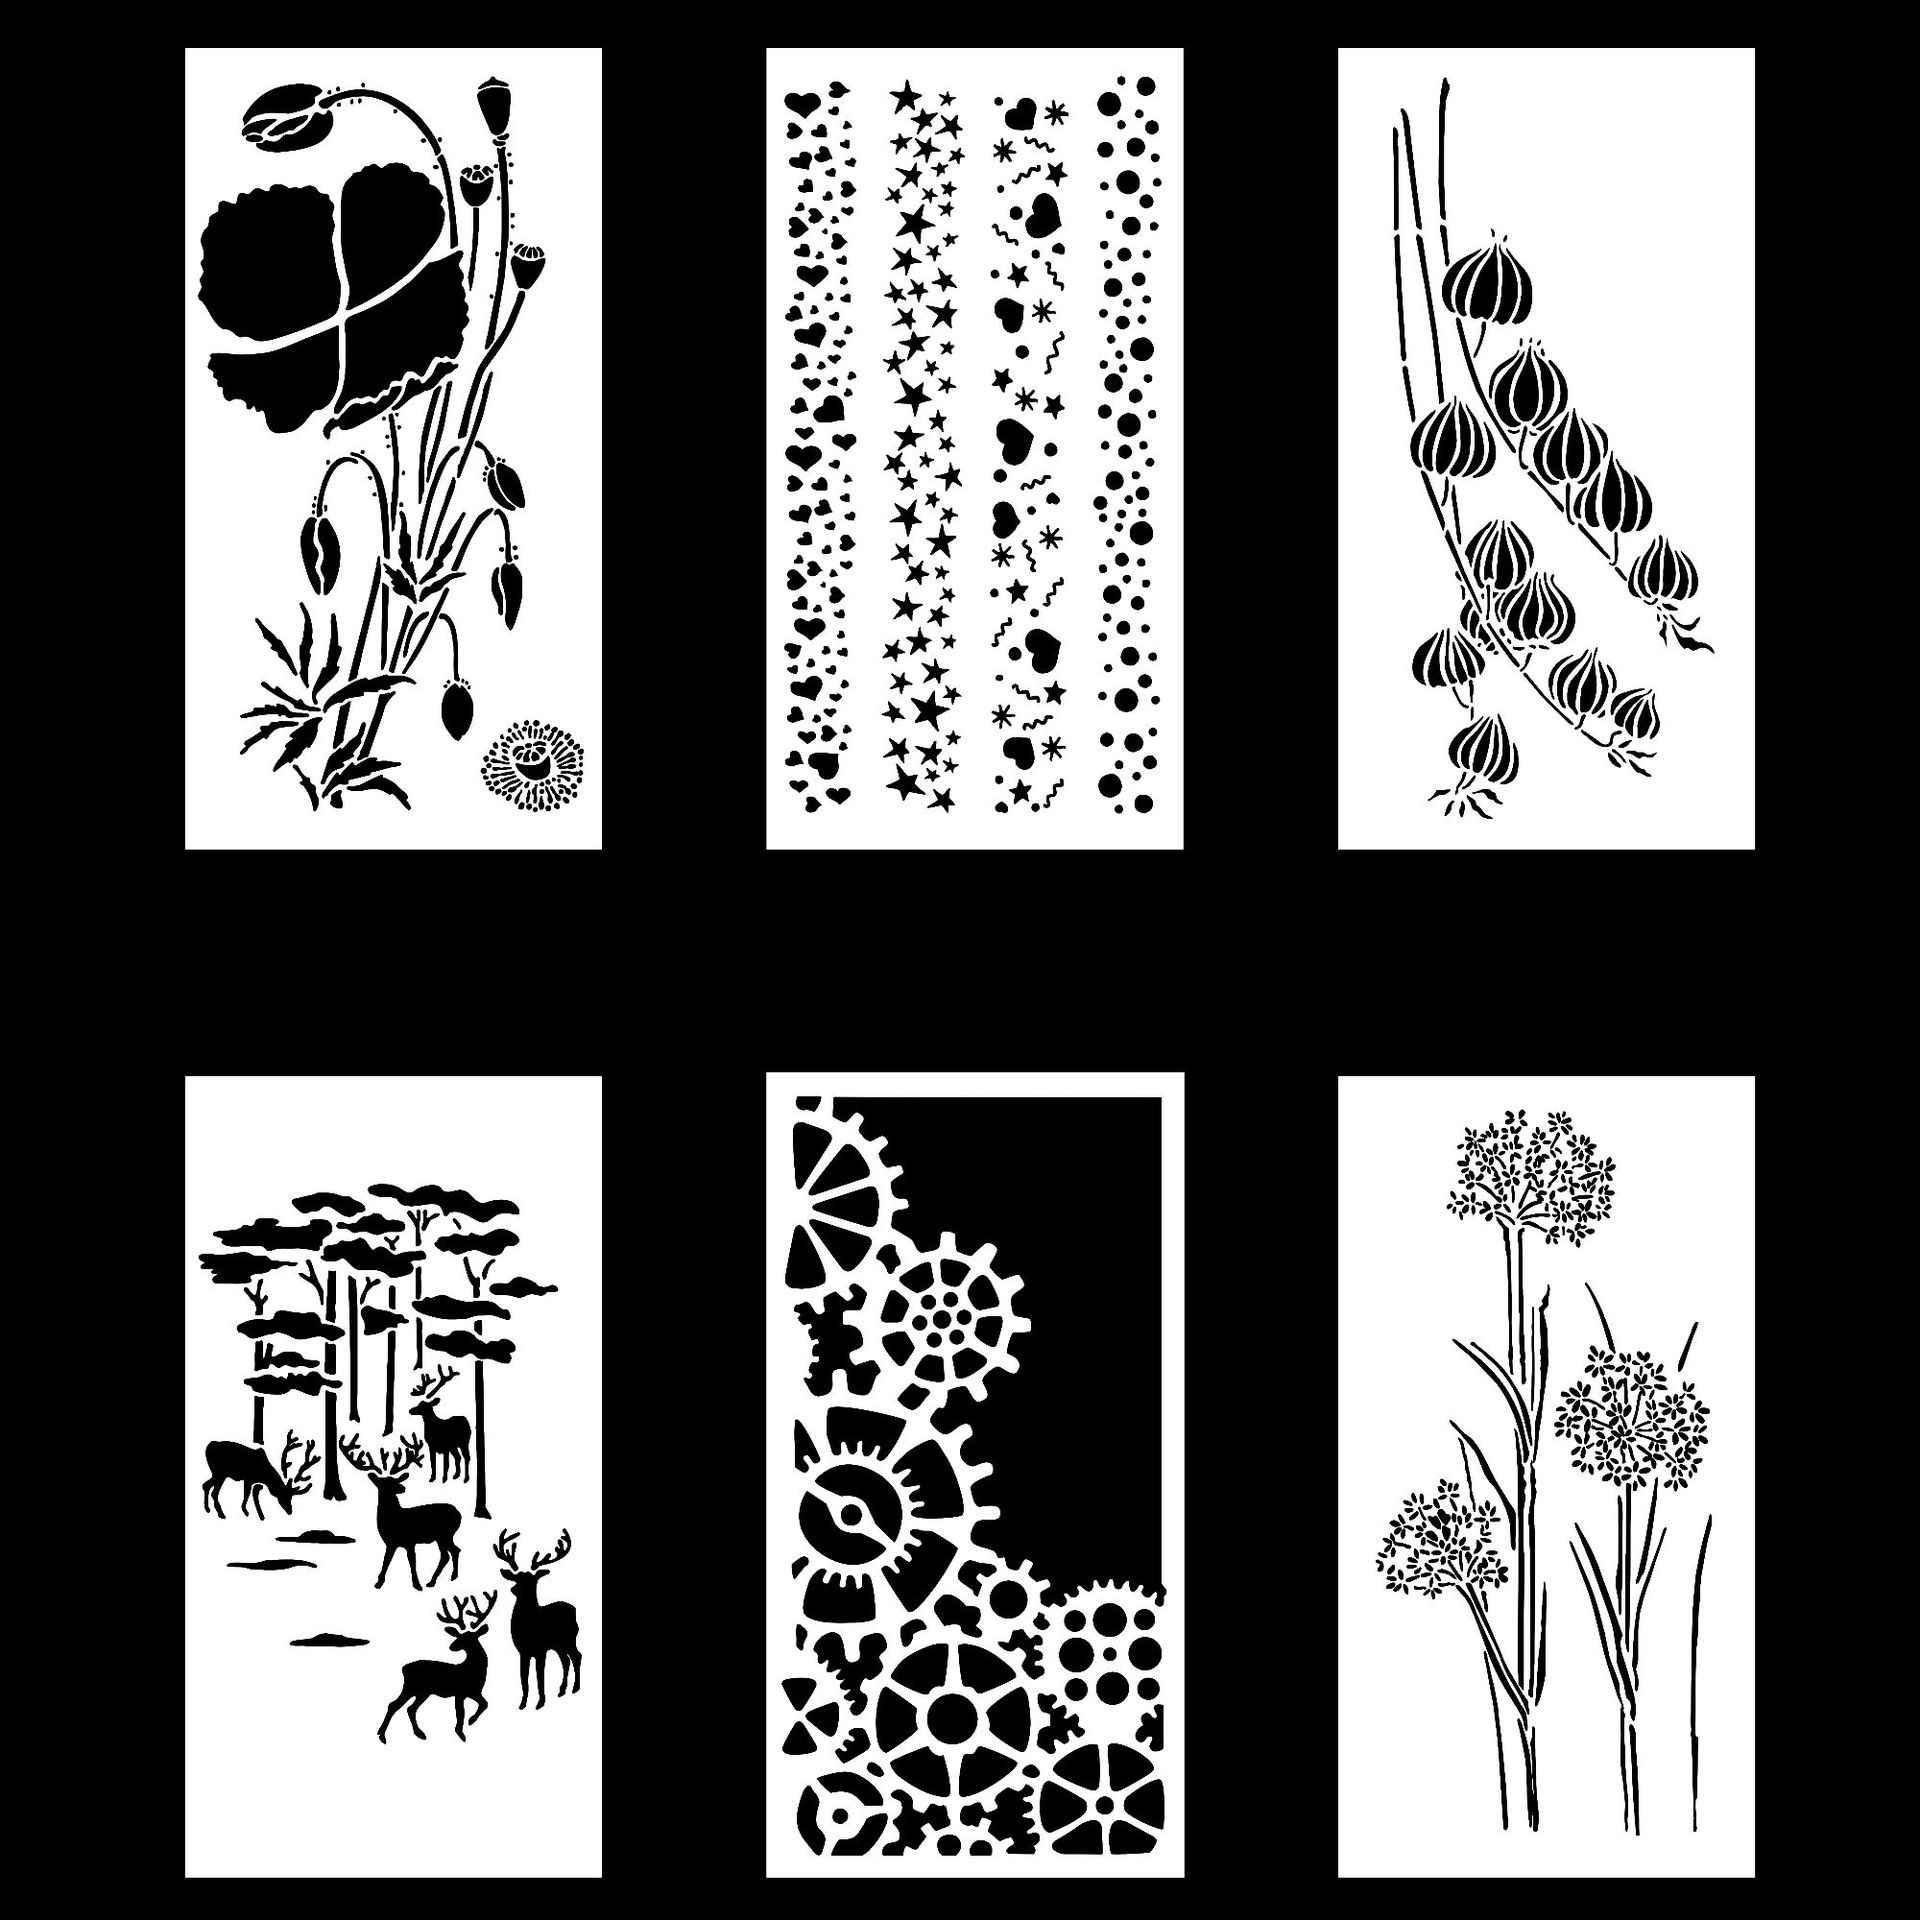 Раскраски Трафареты для аппликаций скачать и распечатать. | 1920x1920